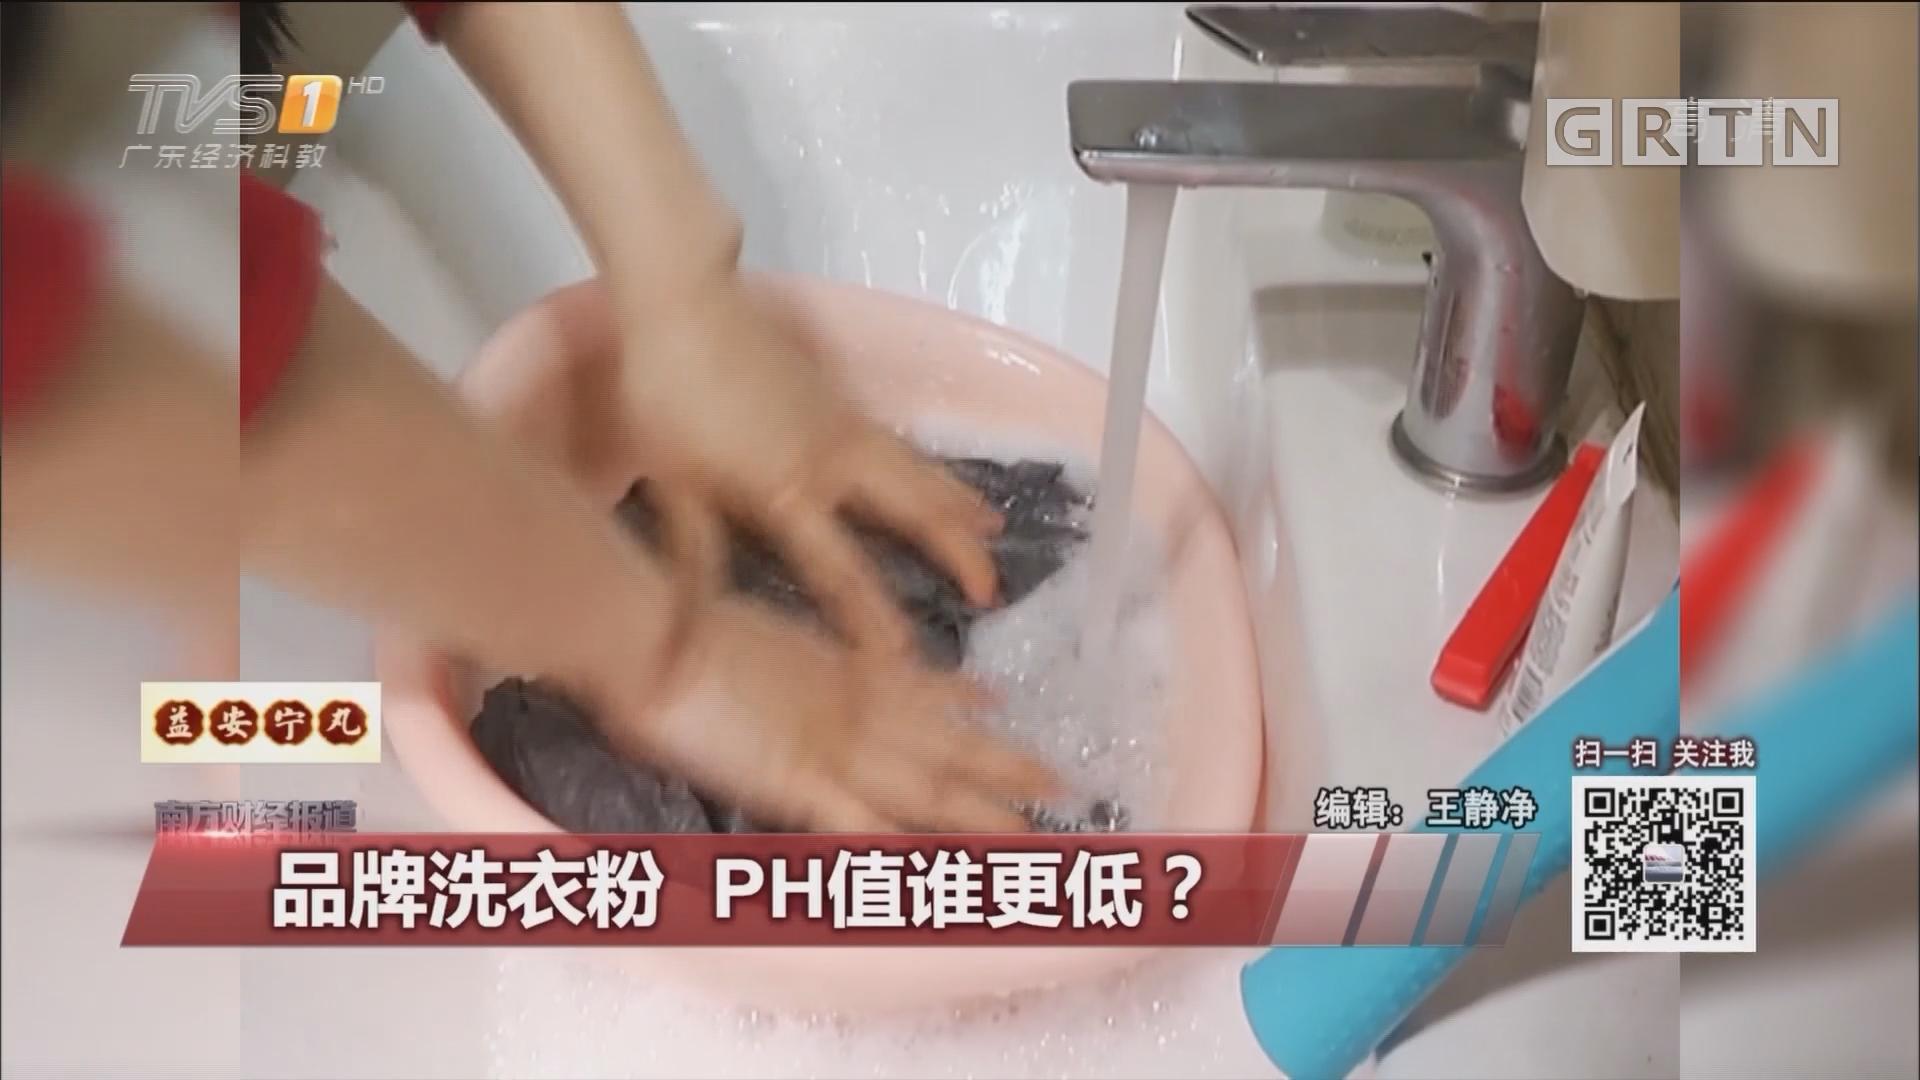 品牌洗衣粉 PH值谁更低?